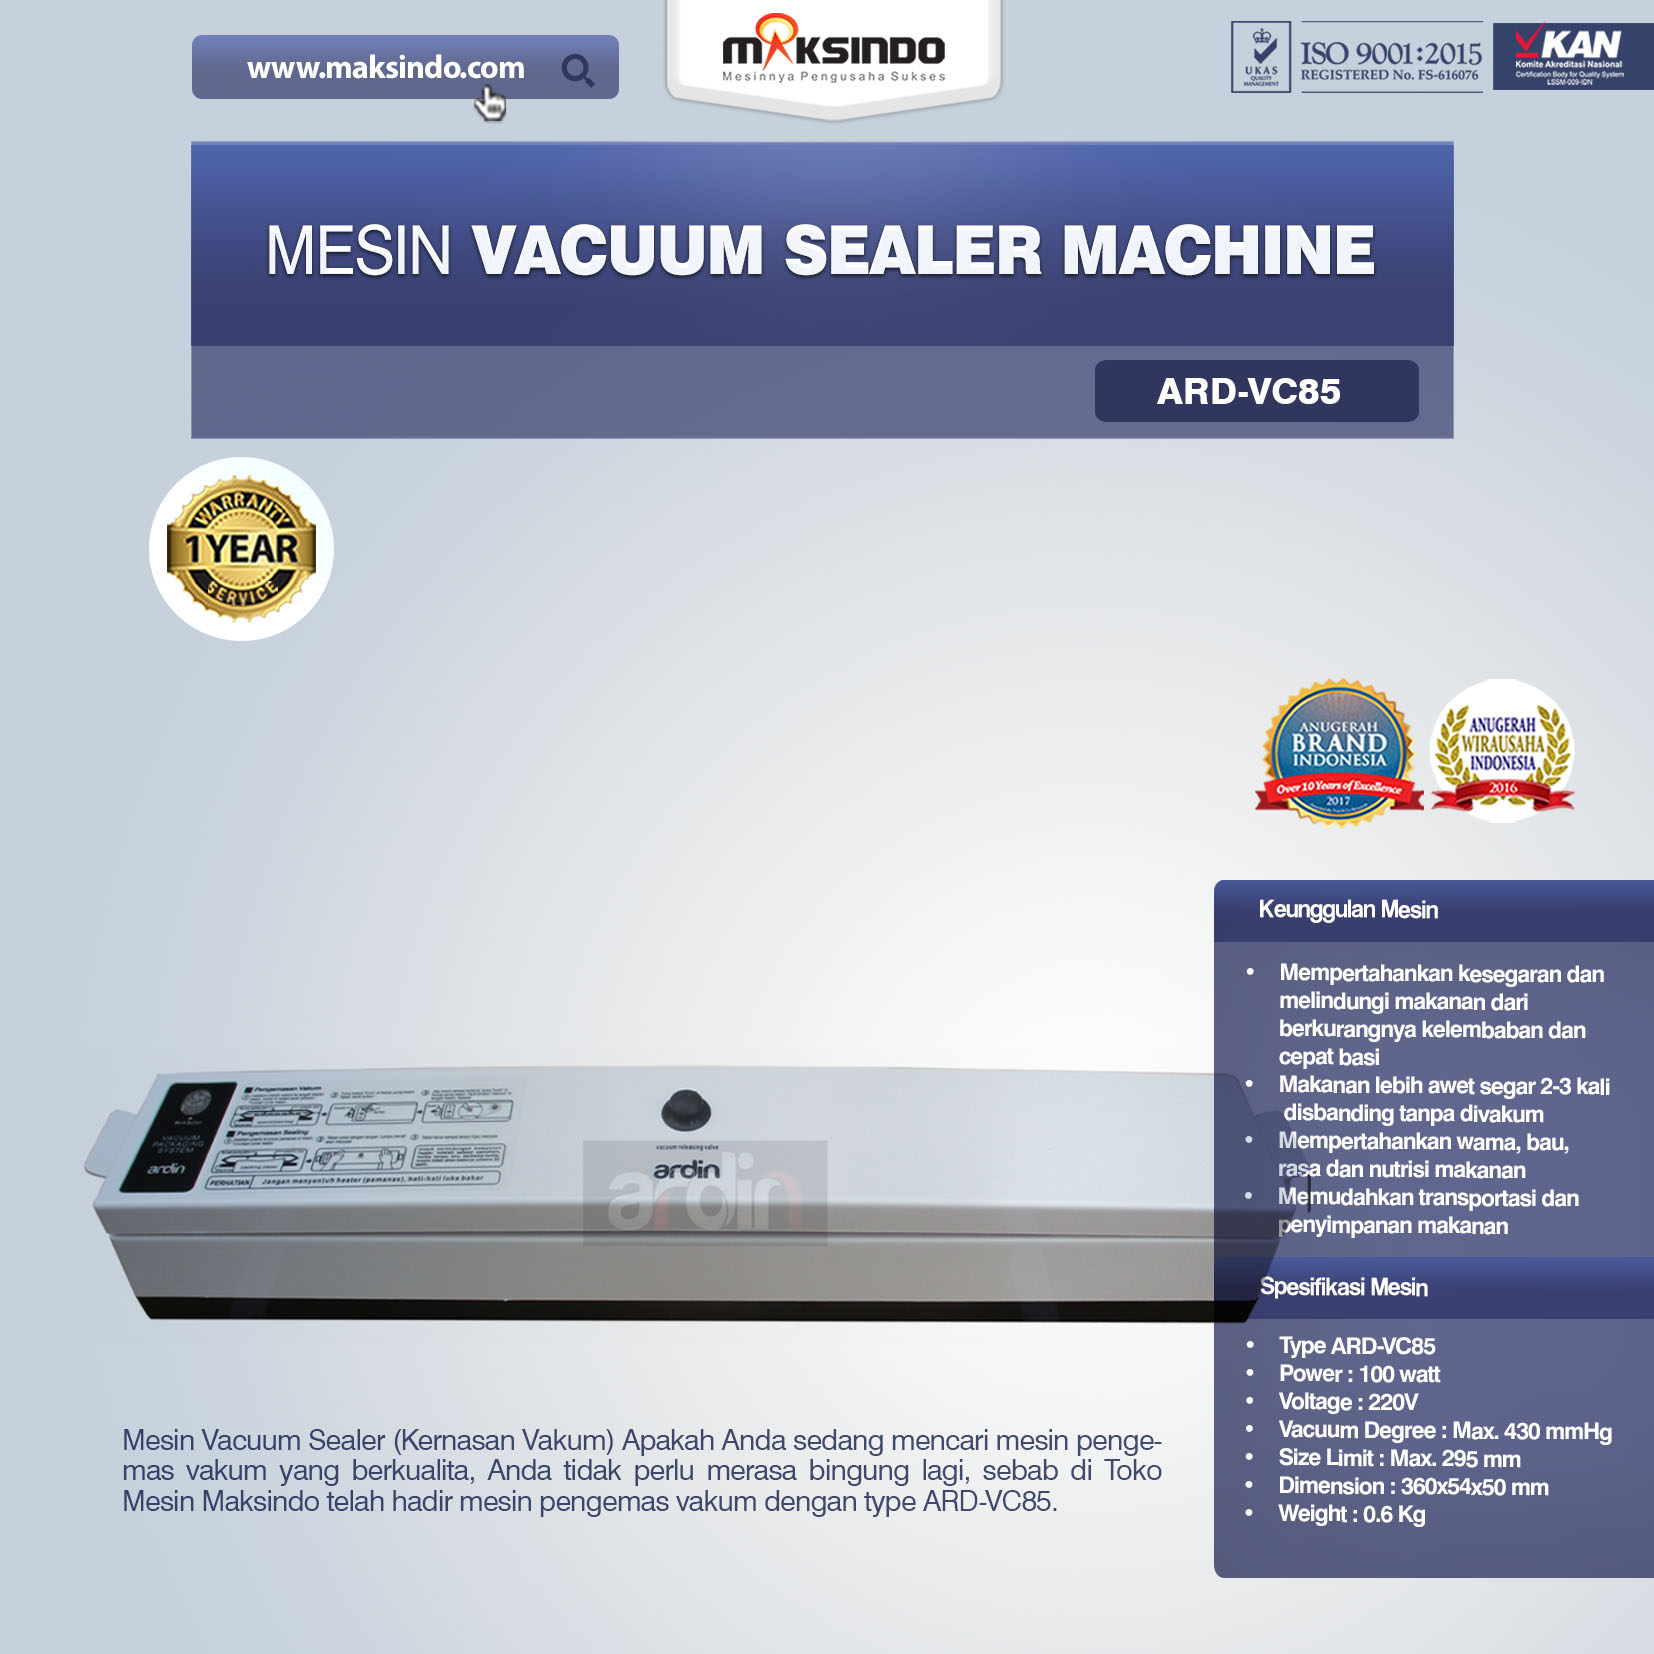 Jual Mesin Vacuum Sealer Machine ARD-VC85 Di Palembang